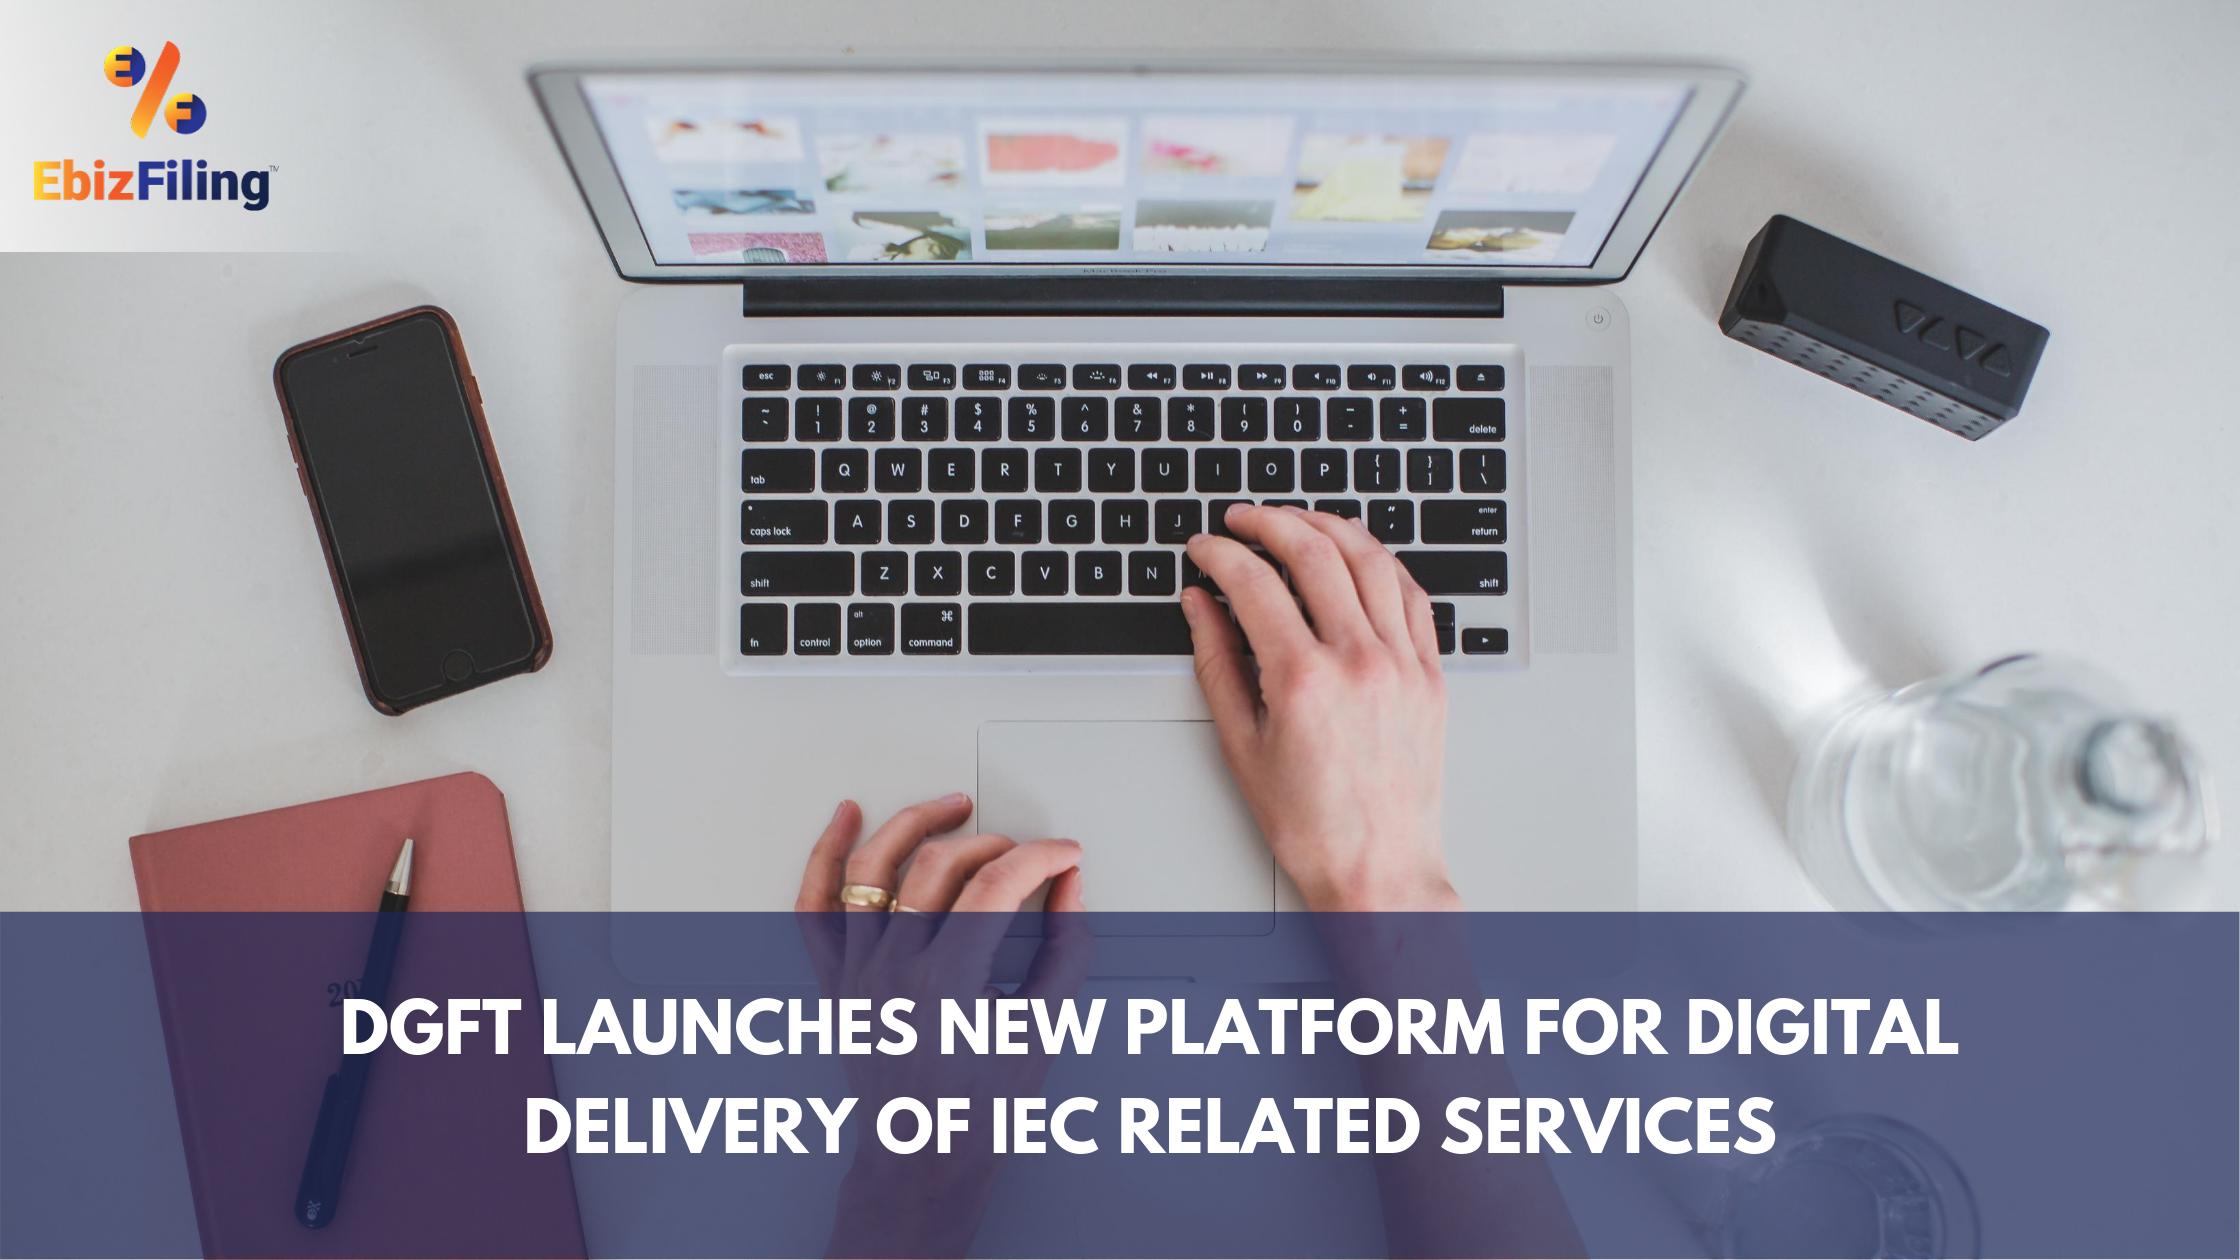 IEC services, IEC registration, IMport export code, DGFT, Ebizfiling